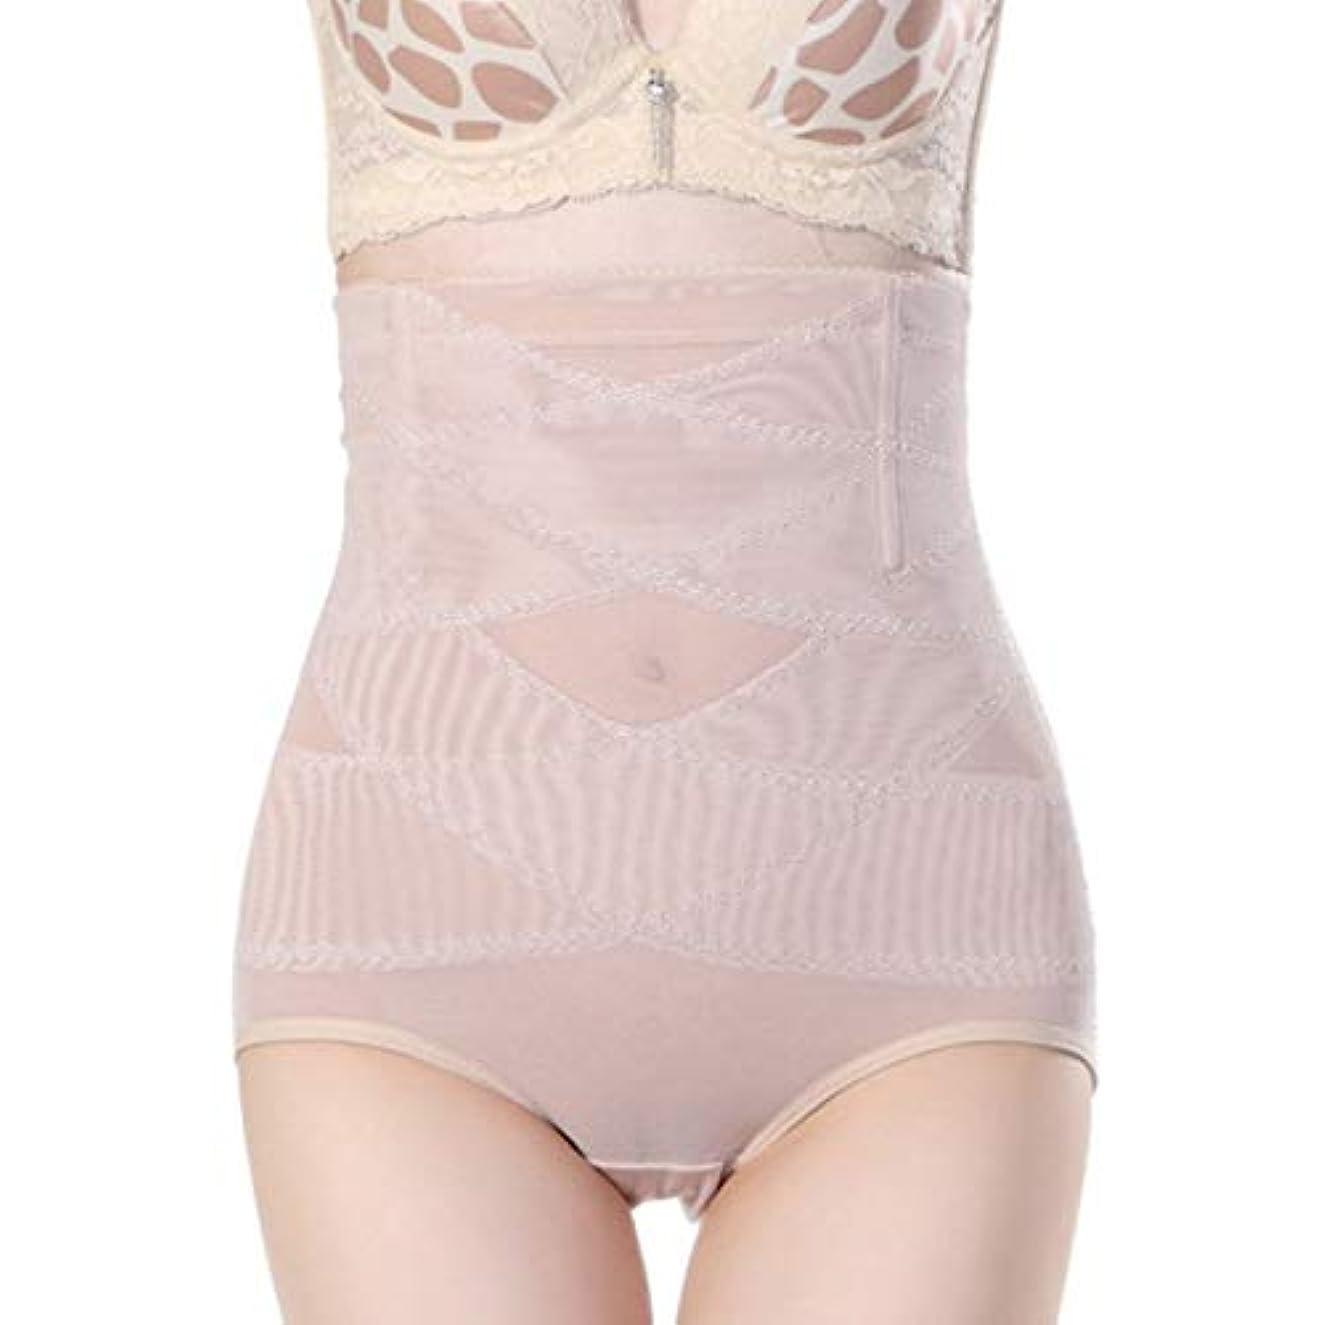 発明する自動有名腹部制御下着シームレスおなかコントロールパンティーバットリフターボディシェイパーを痩身通気性のハイウエストの女性 - 肌色L